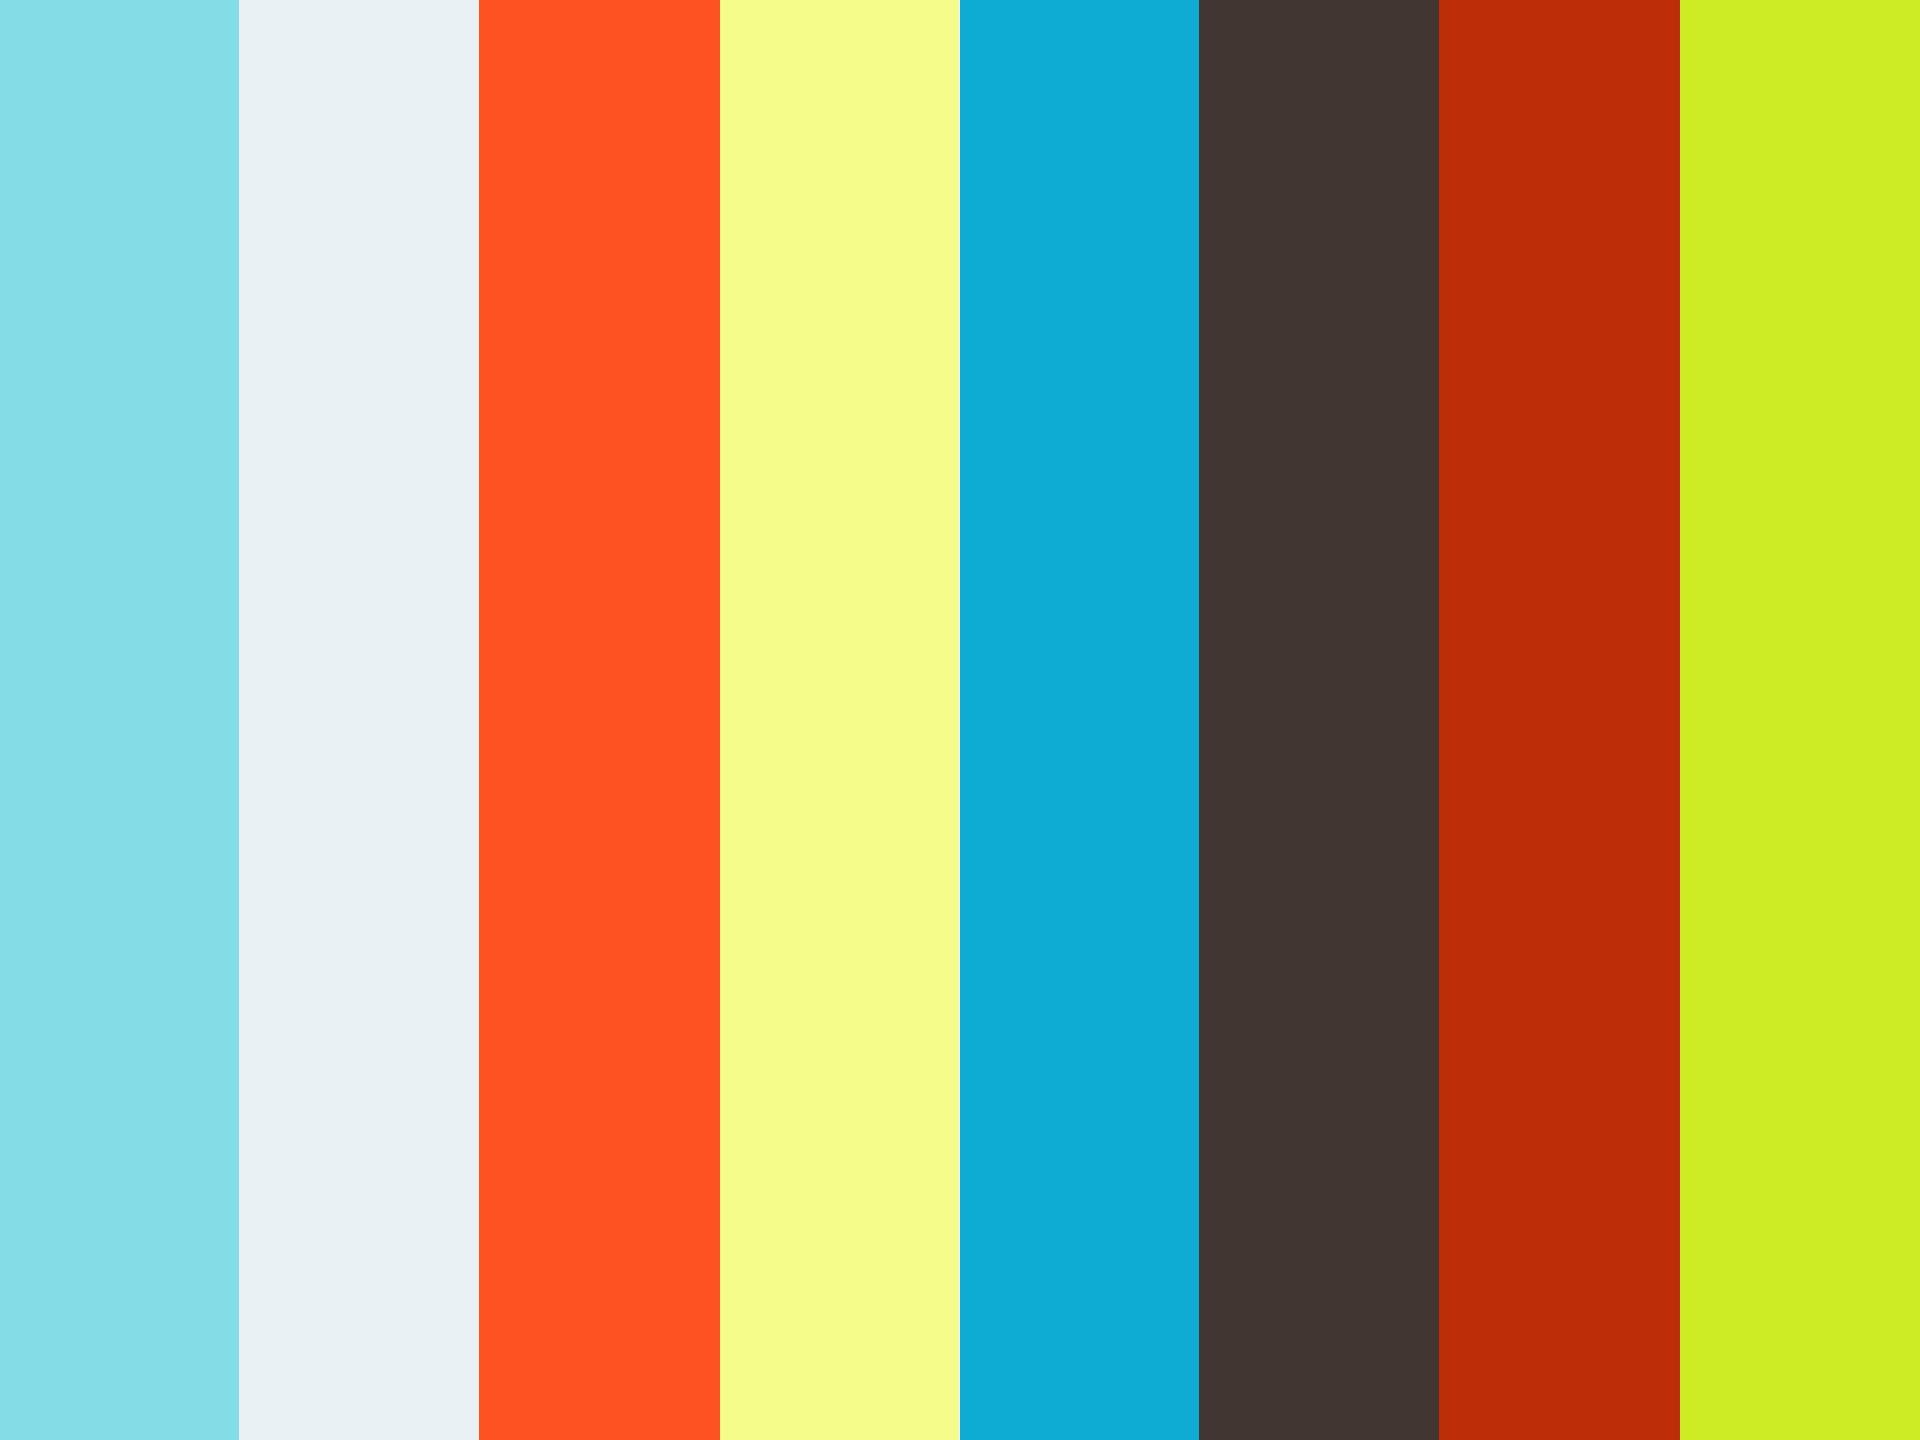 【LIVE配信】「接着支台築造の勘所」渥美克幸先生クリニカル・カンファレンス